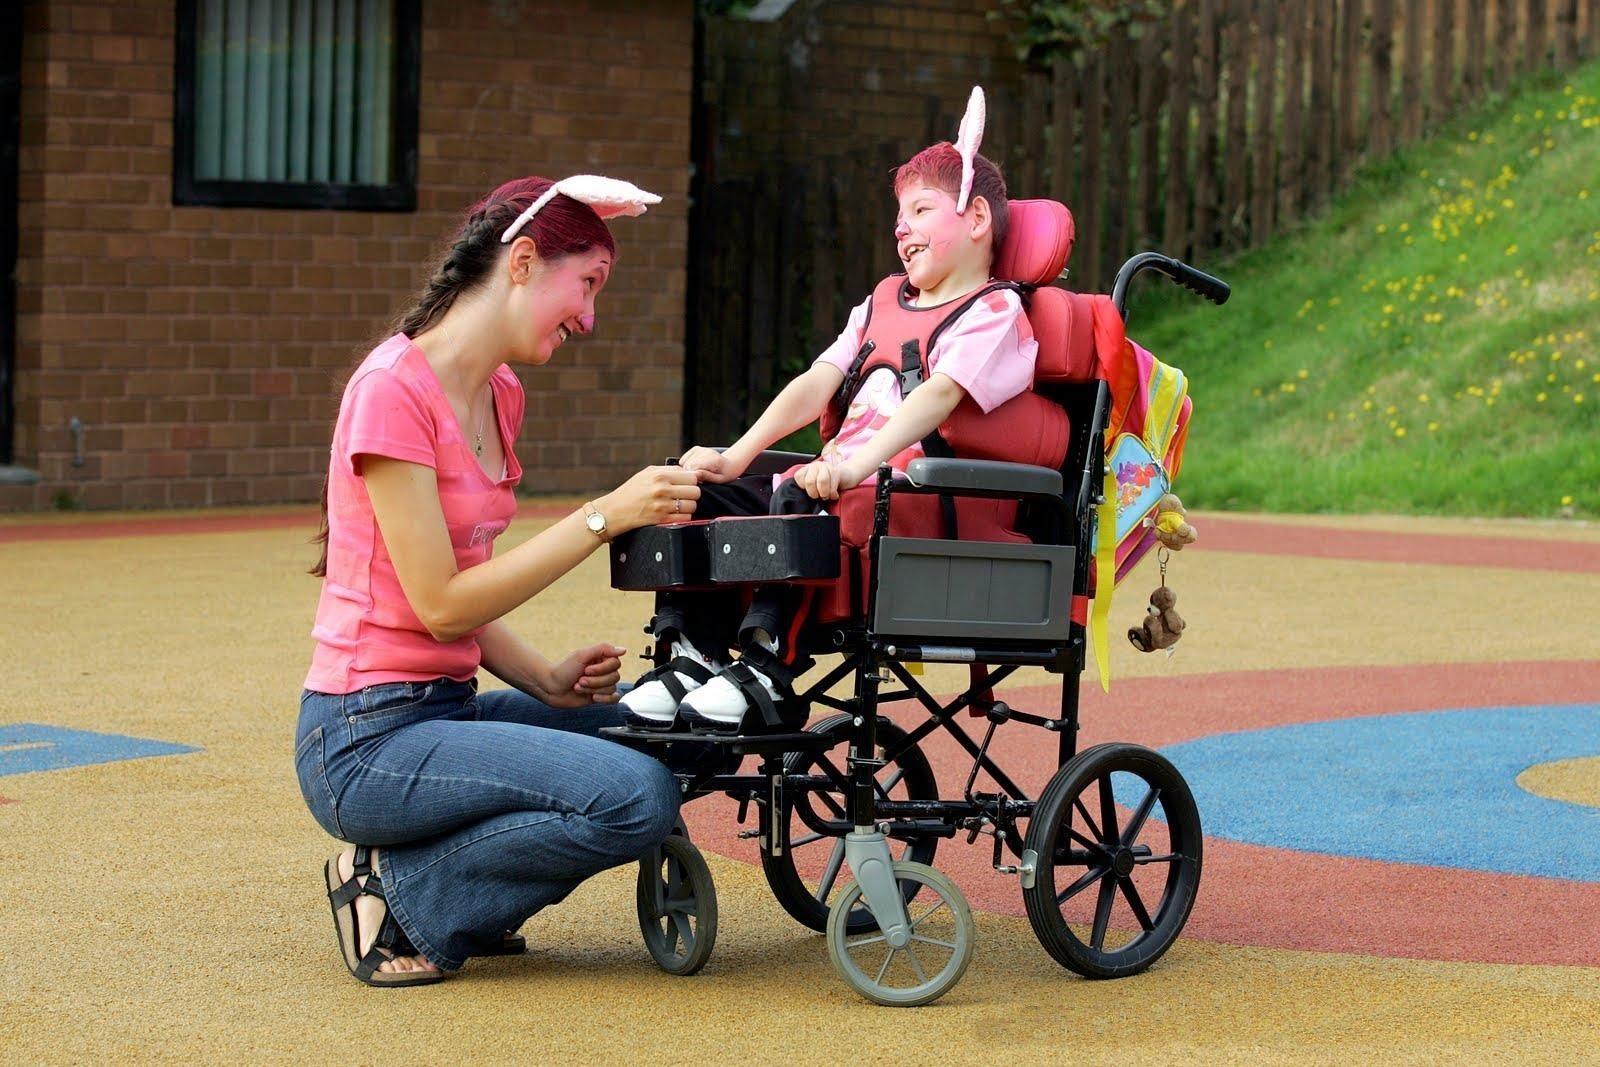 земельный участок по инвалидности ребенка